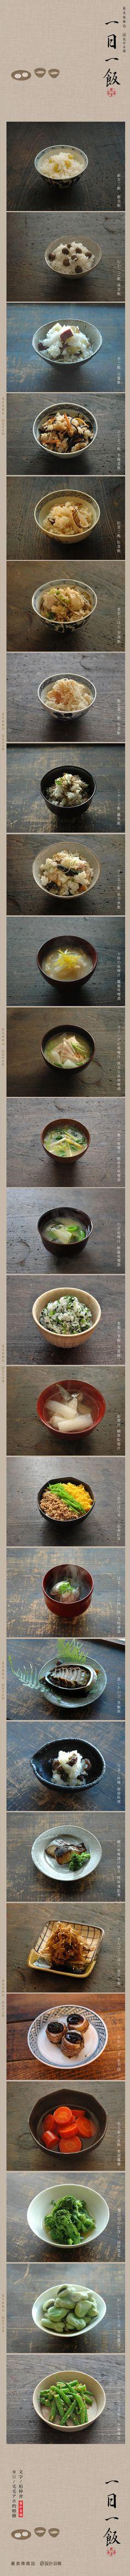 *一日一飯 basic components of daily Japanese meals: rice, soup, veg, fish or meat. This is amazing. Japanese New Year, Japanese Food, Japanese Meals, Salmon Sushi, Cute Bento, Japanese Graphic Design, Vegan Restaurants, Menu Design, Edible Art